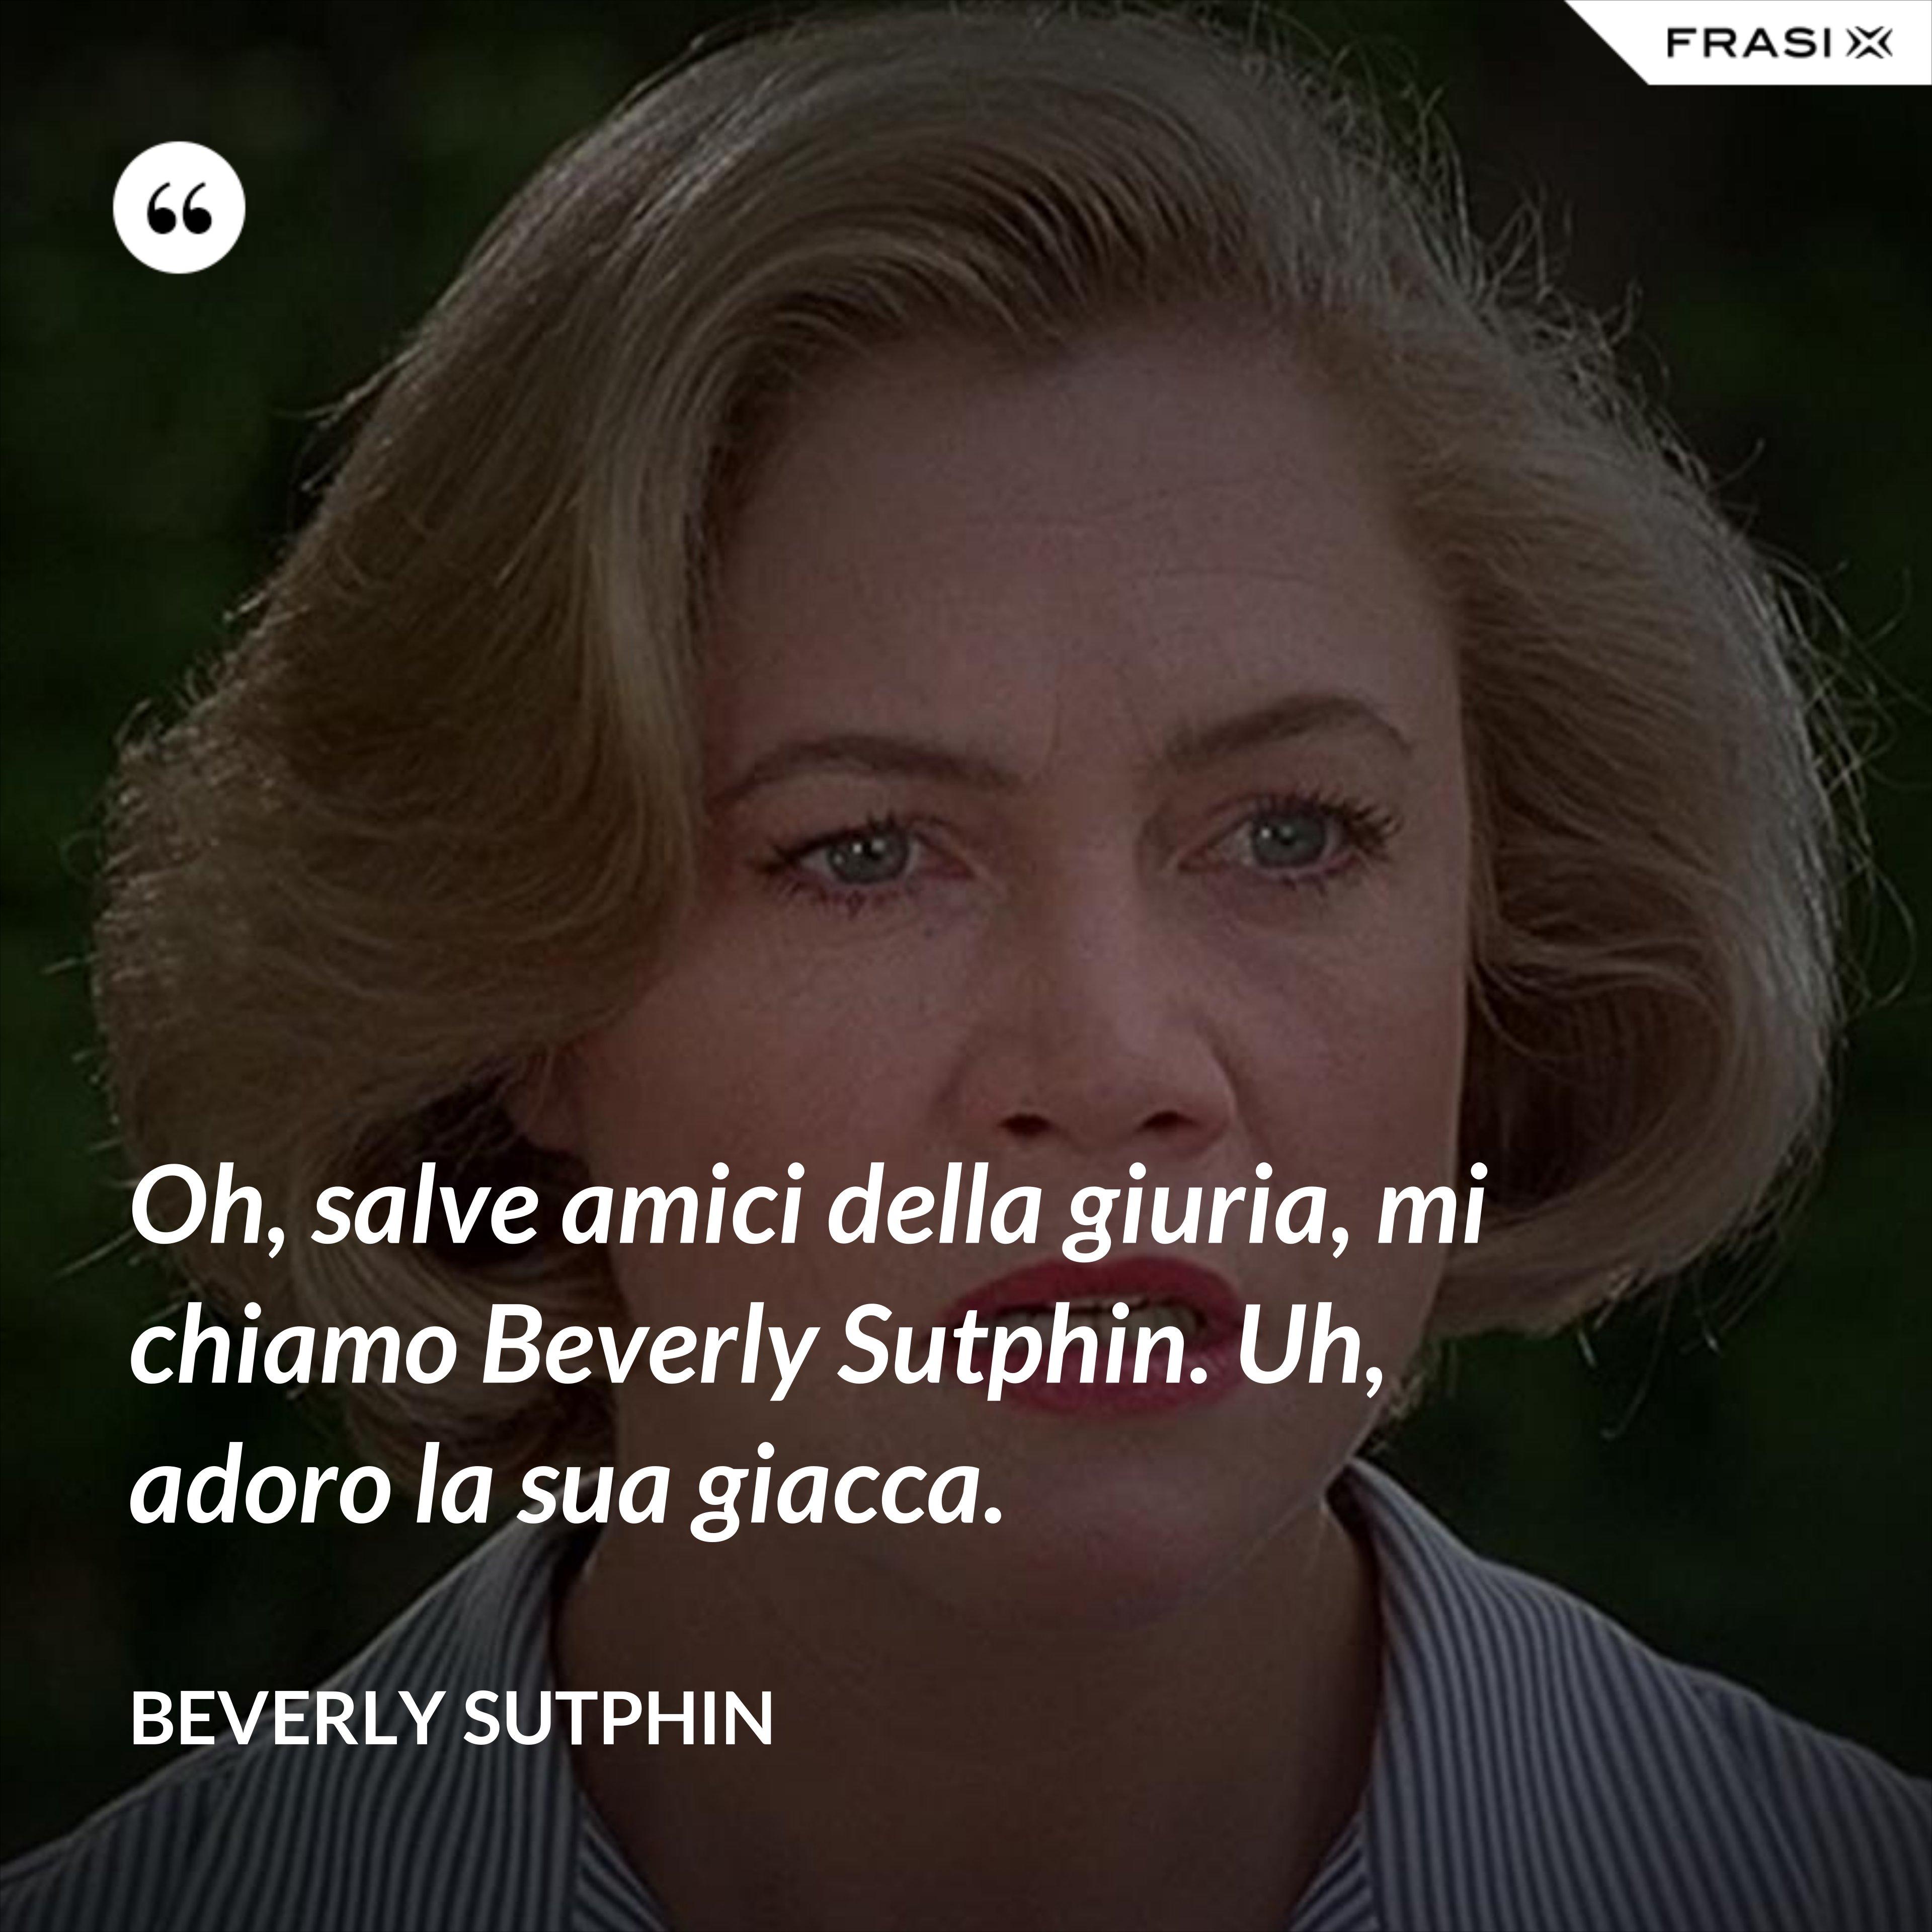 Oh, salve amici della giuria, mi chiamo Beverly Sutphin. Uh, adoro la sua giacca. - Beverly Sutphin